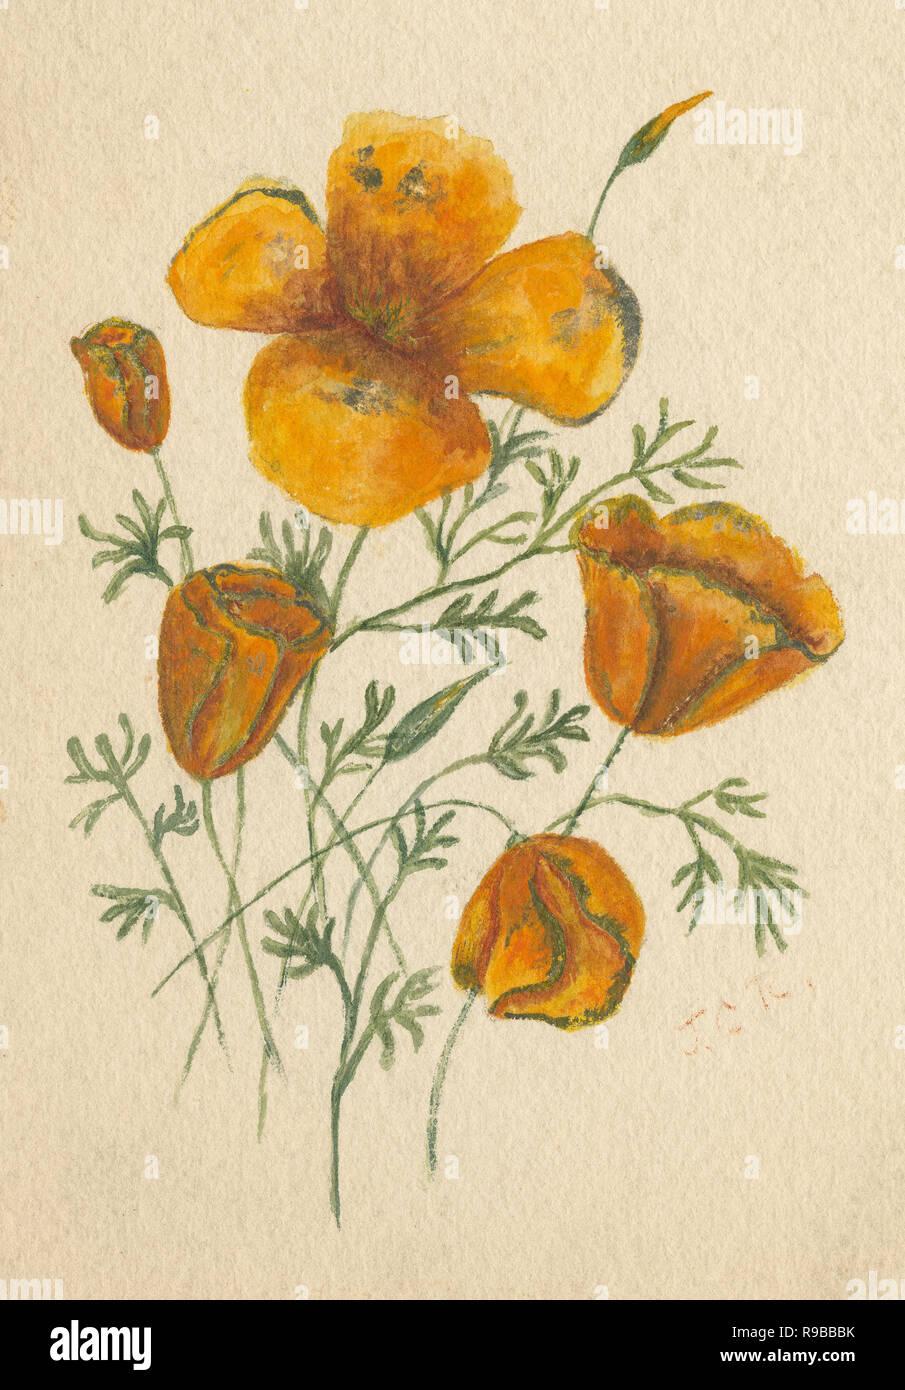 Antique c1890 la pittura ad acquerello della California poppy (Eschscholzia californica). Fonte: Dipinto originale Immagini Stock